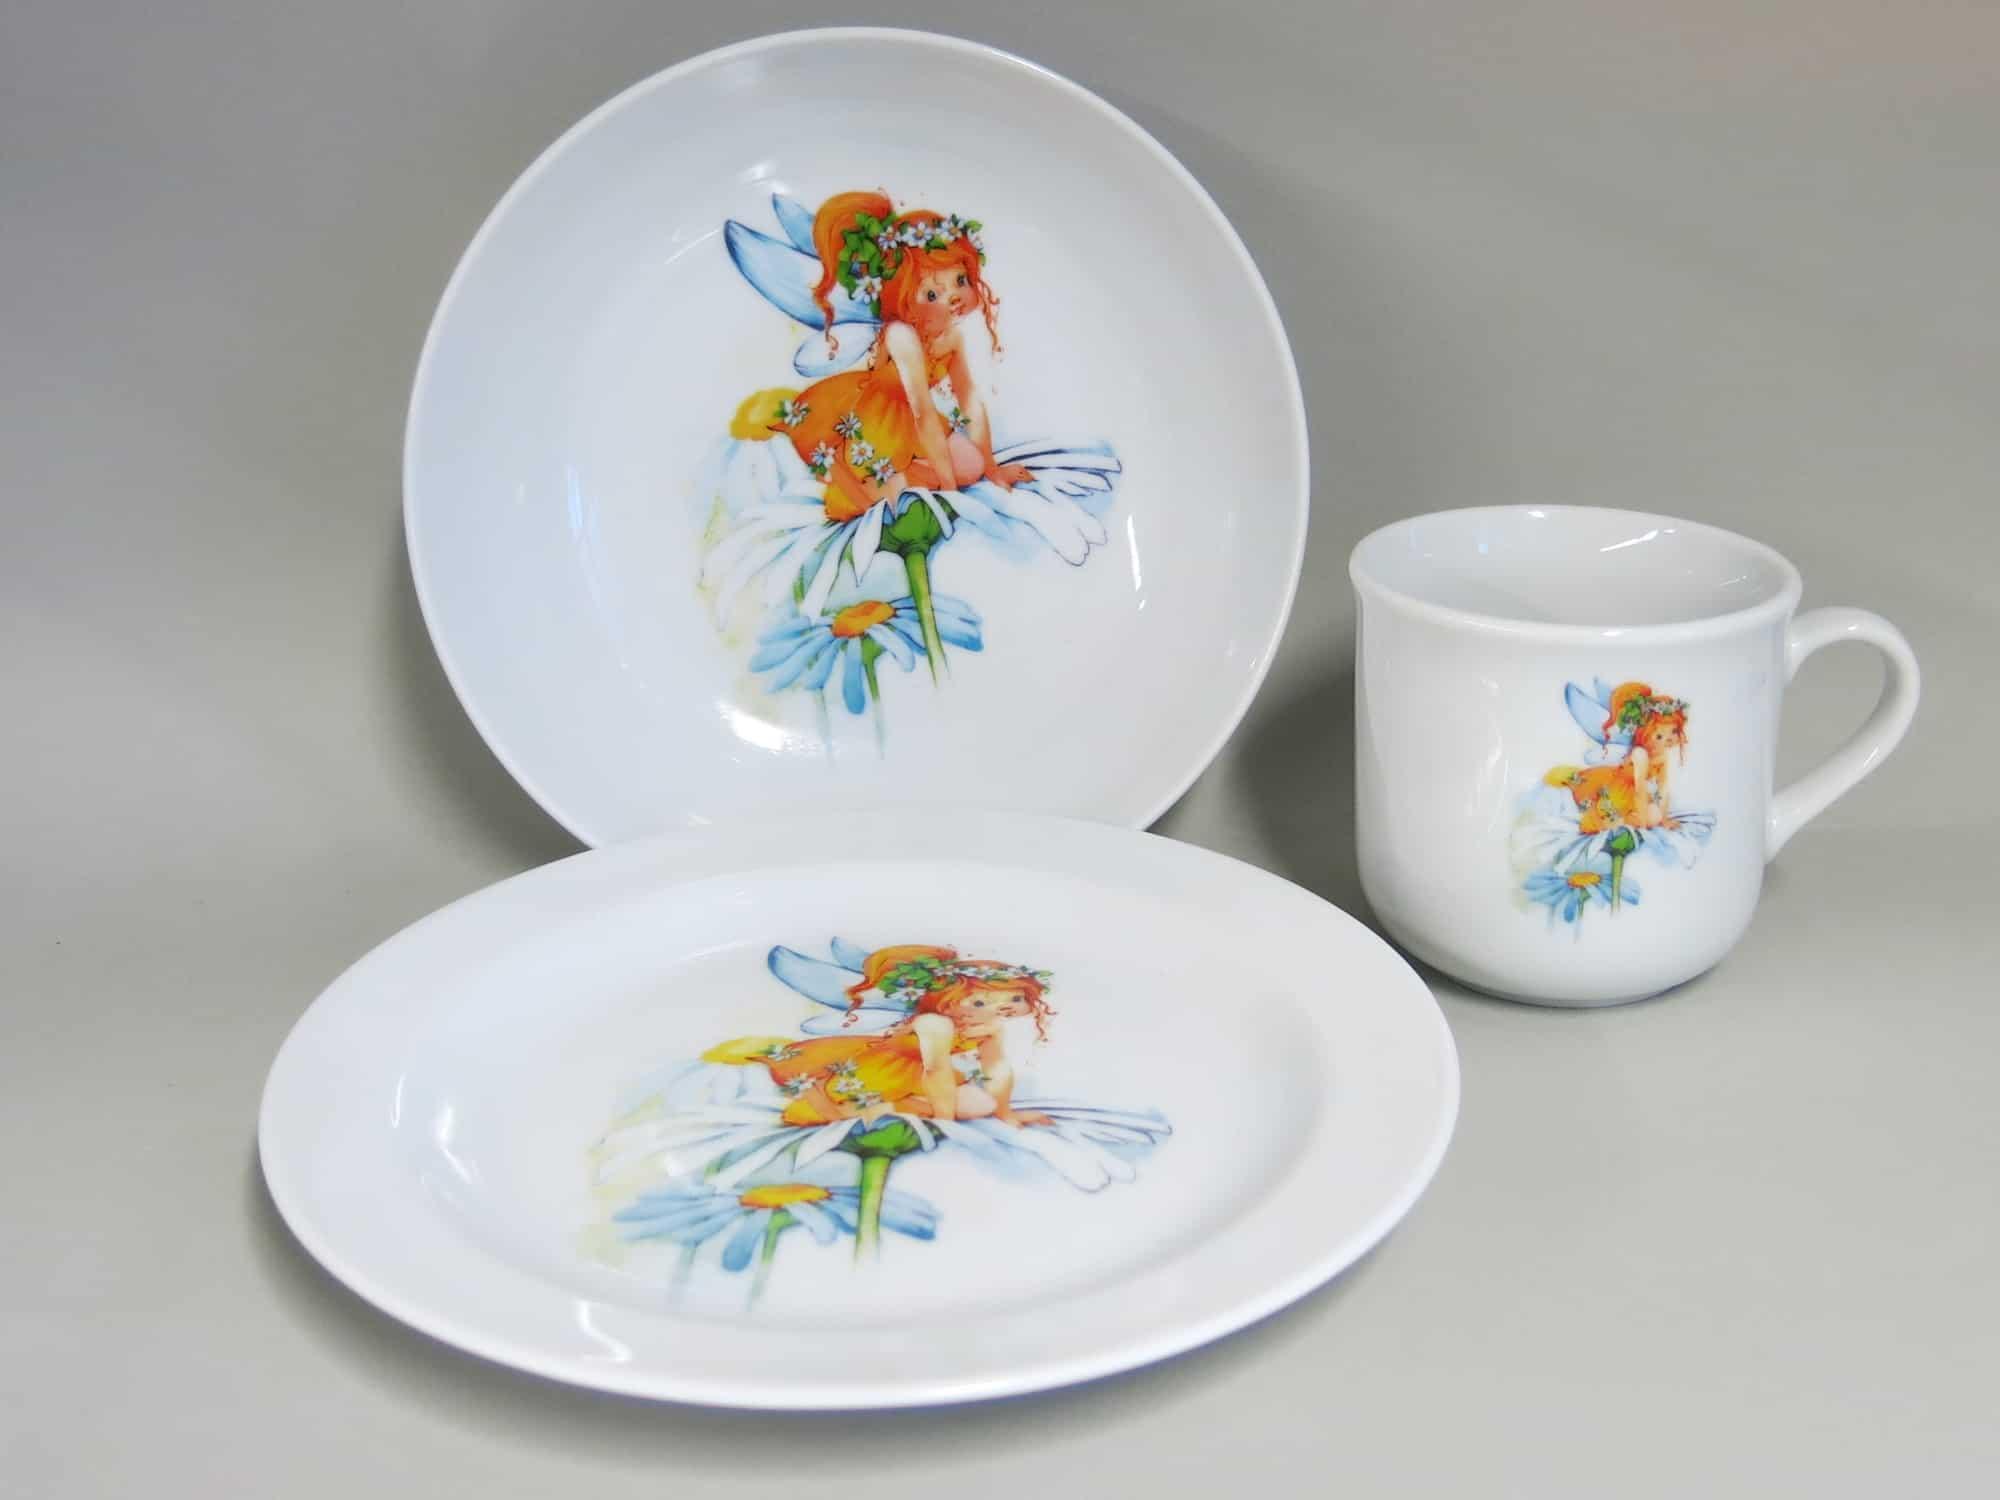 Kindergeschirr Porzellan Set mit Becher, Teller und Schale, Elfe Margarita Sonnenschein